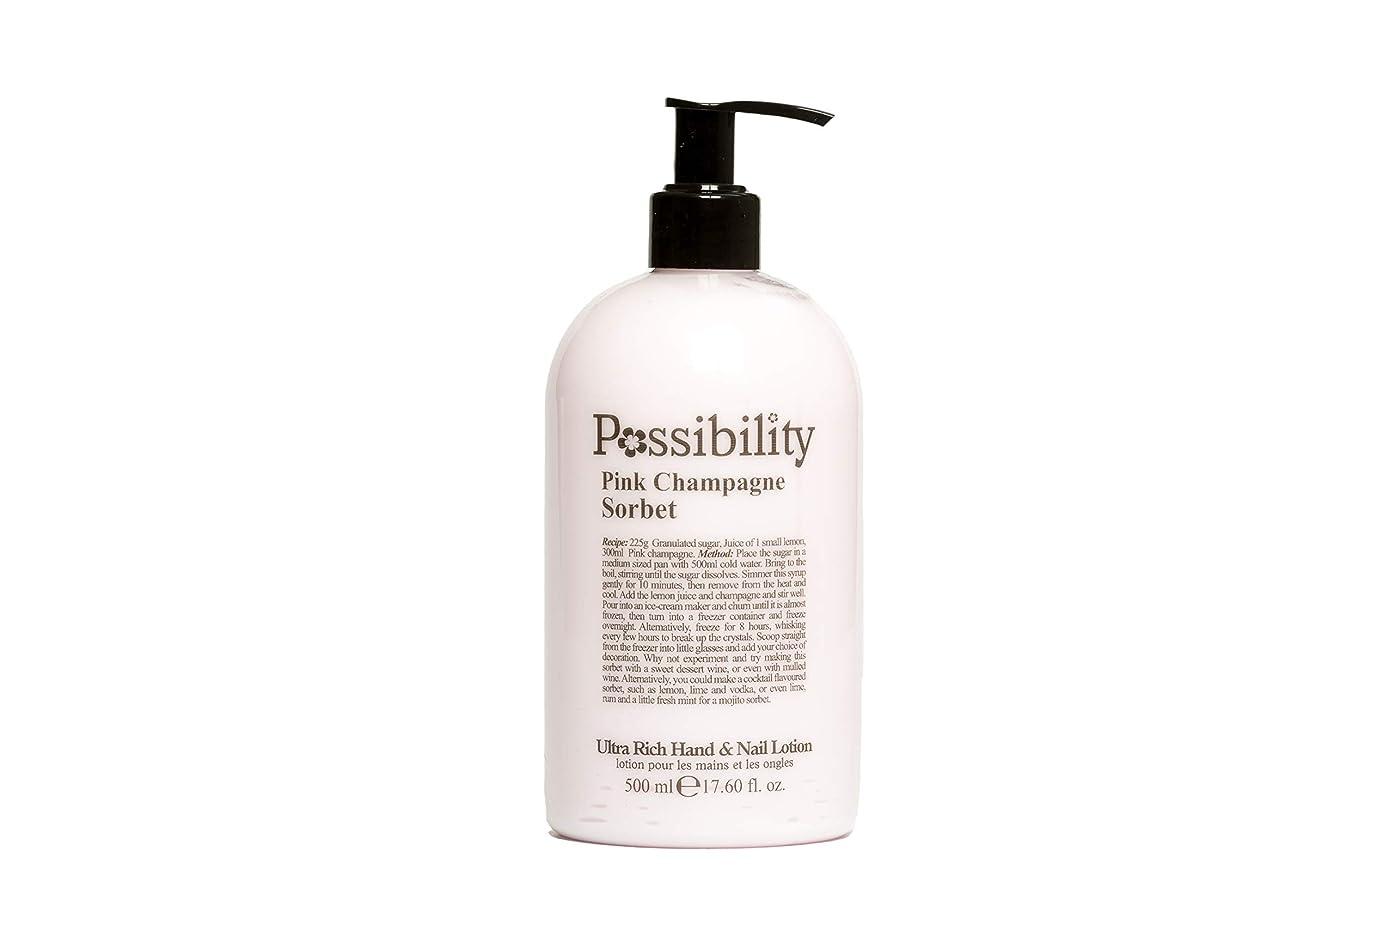 足首努力する落胆させるPossibility(ポッシビリティ) ウルトラリッチ ハンド&ネイルローション ピンクシャンパンソルベ